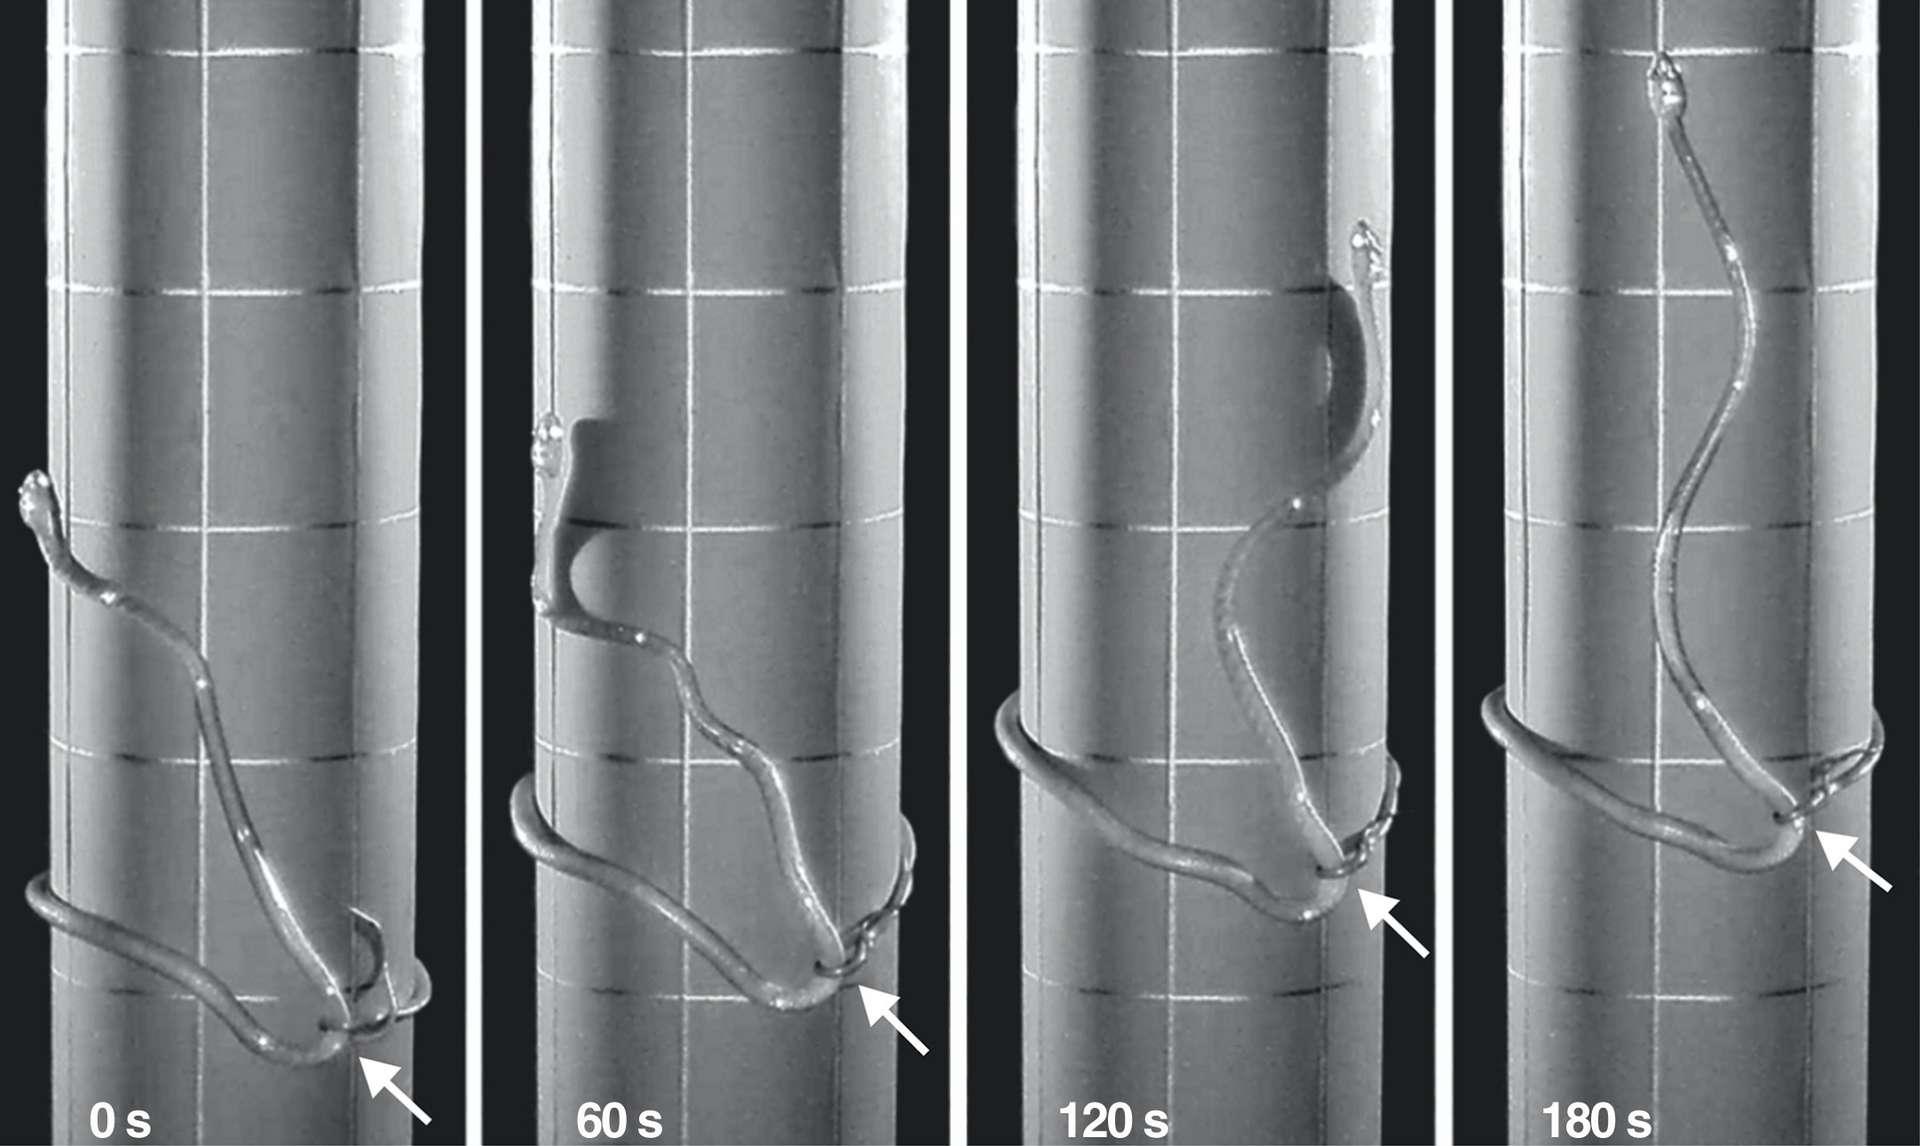 Avec la technique du lasso, le serpent est capable d'escalader des troncs et des poteaux lisses ou très larges. © Julie Savidge et al., Current Biology, 2020